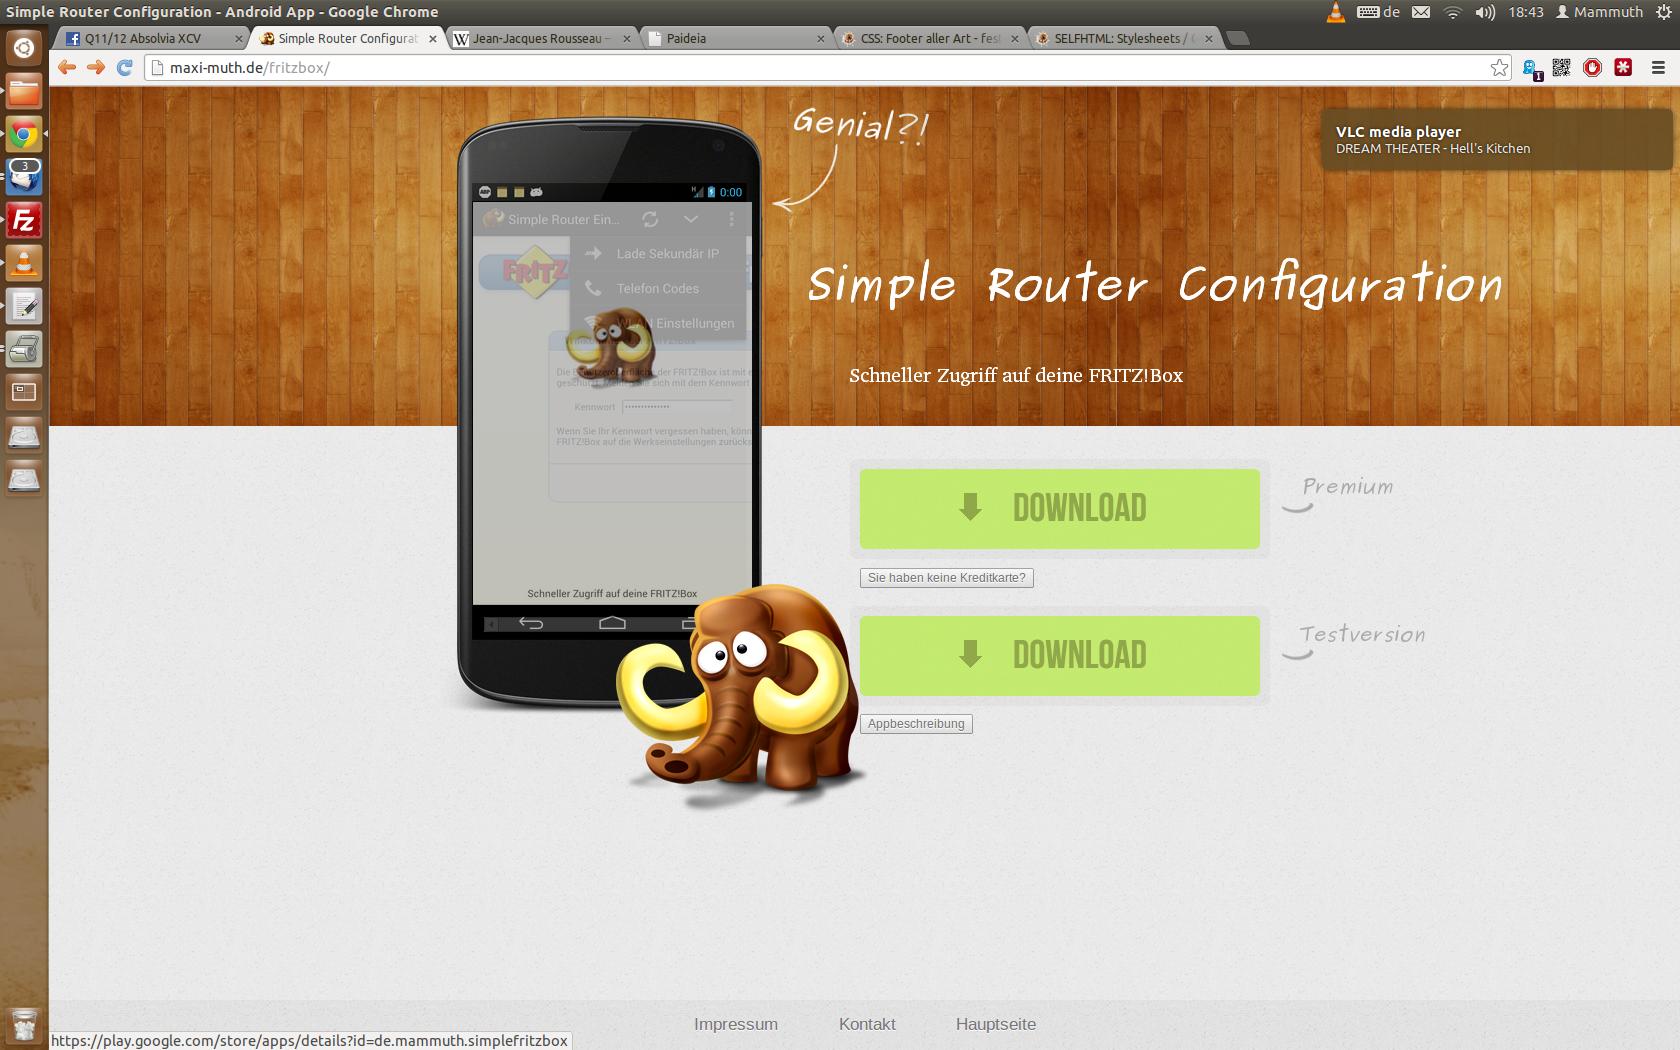 Neue Unterseite geht online! Werbe-Seite für Simple Router Configuration